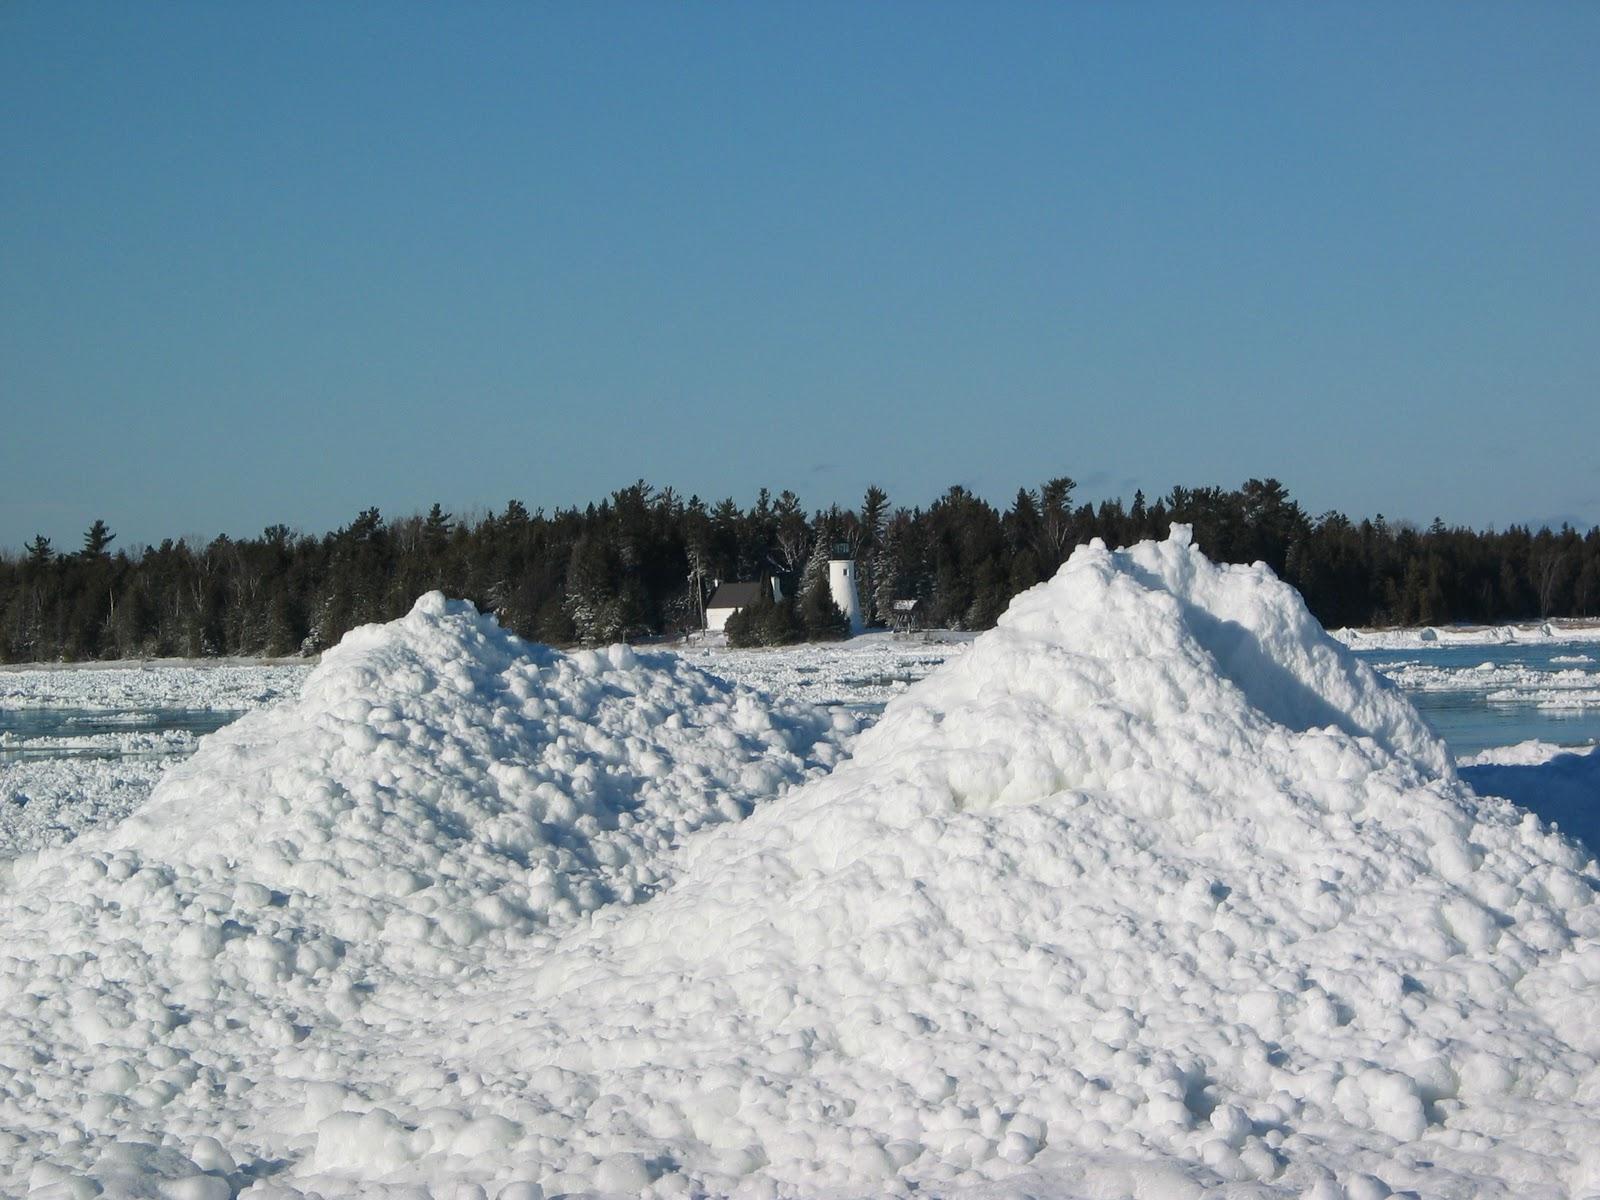 snow piles